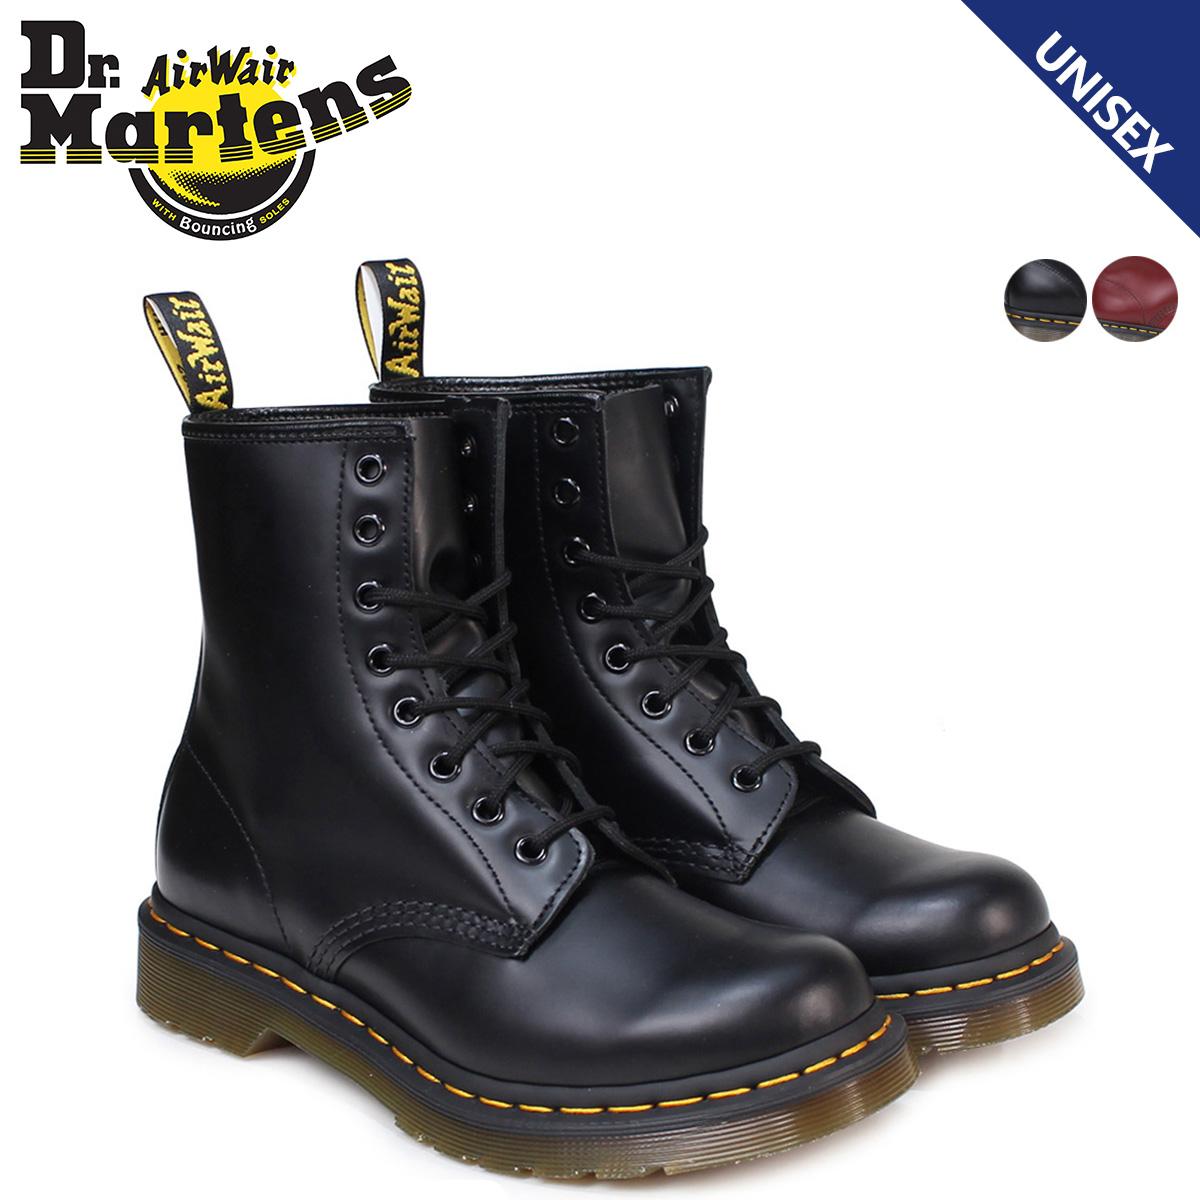 ドクターマーチン Dr.Martens 8ホール 1460 レディース ブーツ WOMENS 8EYE BOOT R11821006 R11821600 メンズ